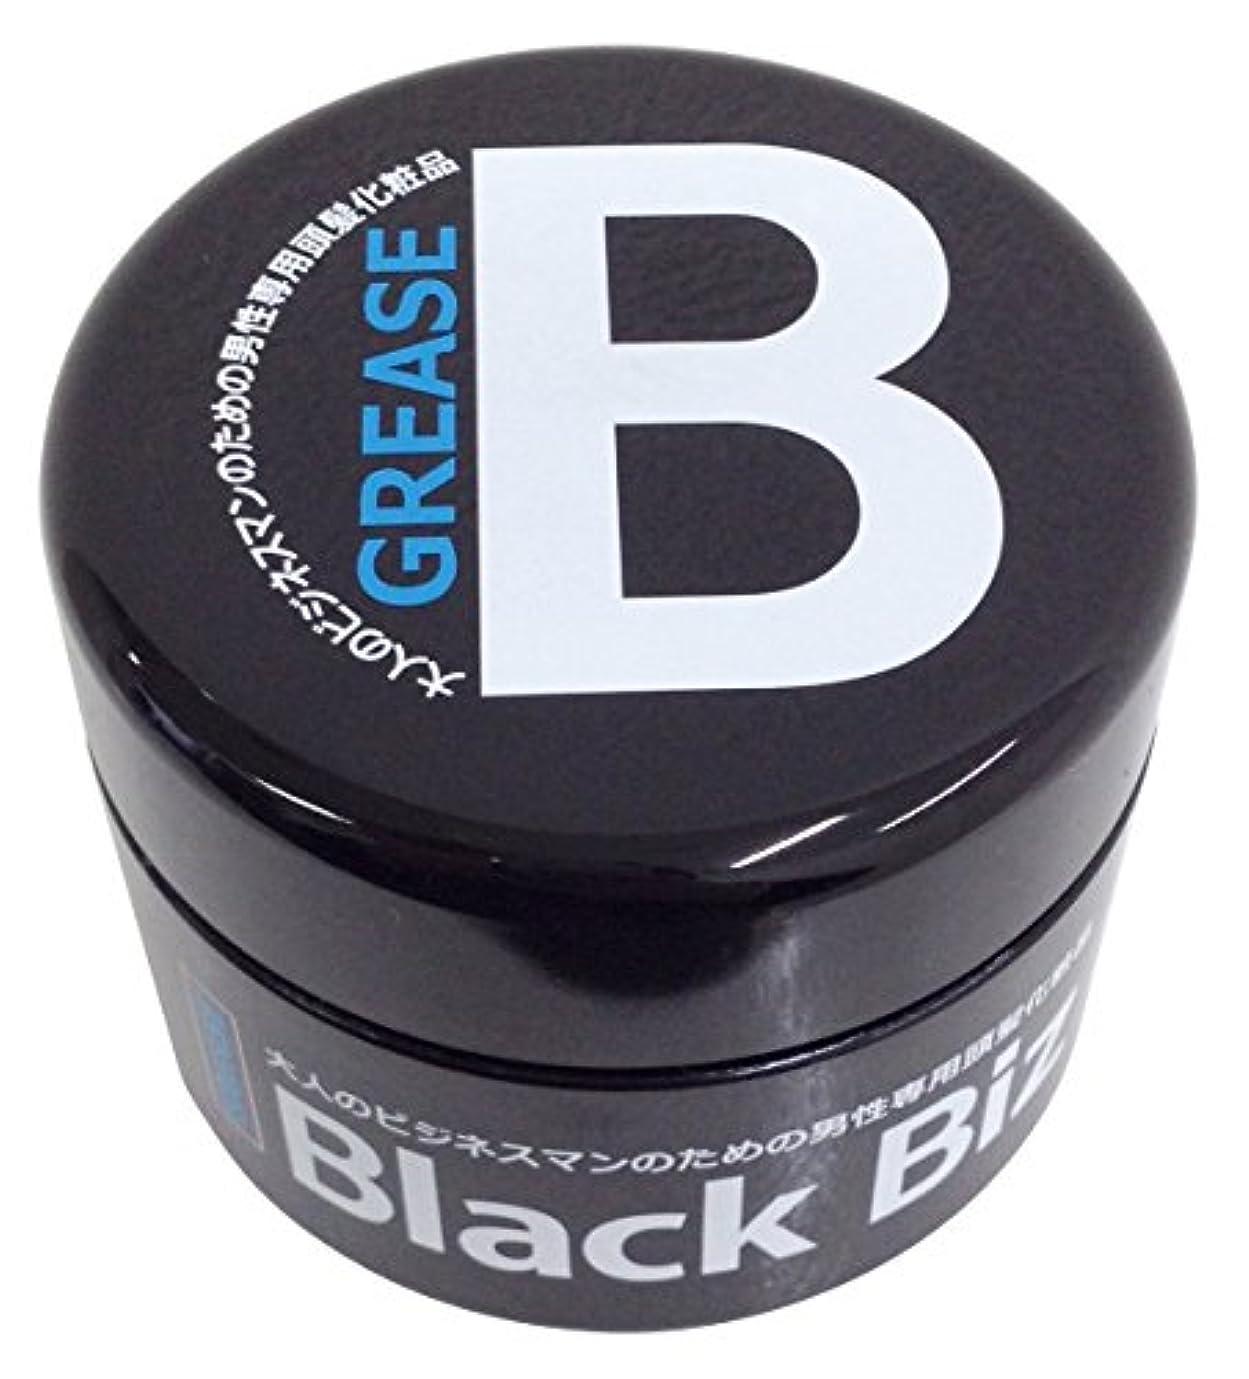 宴会ピボット管理します大人のビジネスマンのための男性専用頭髪化粧品 BlackBiz GREASE SOFT ブラックビズ グリース ソフト